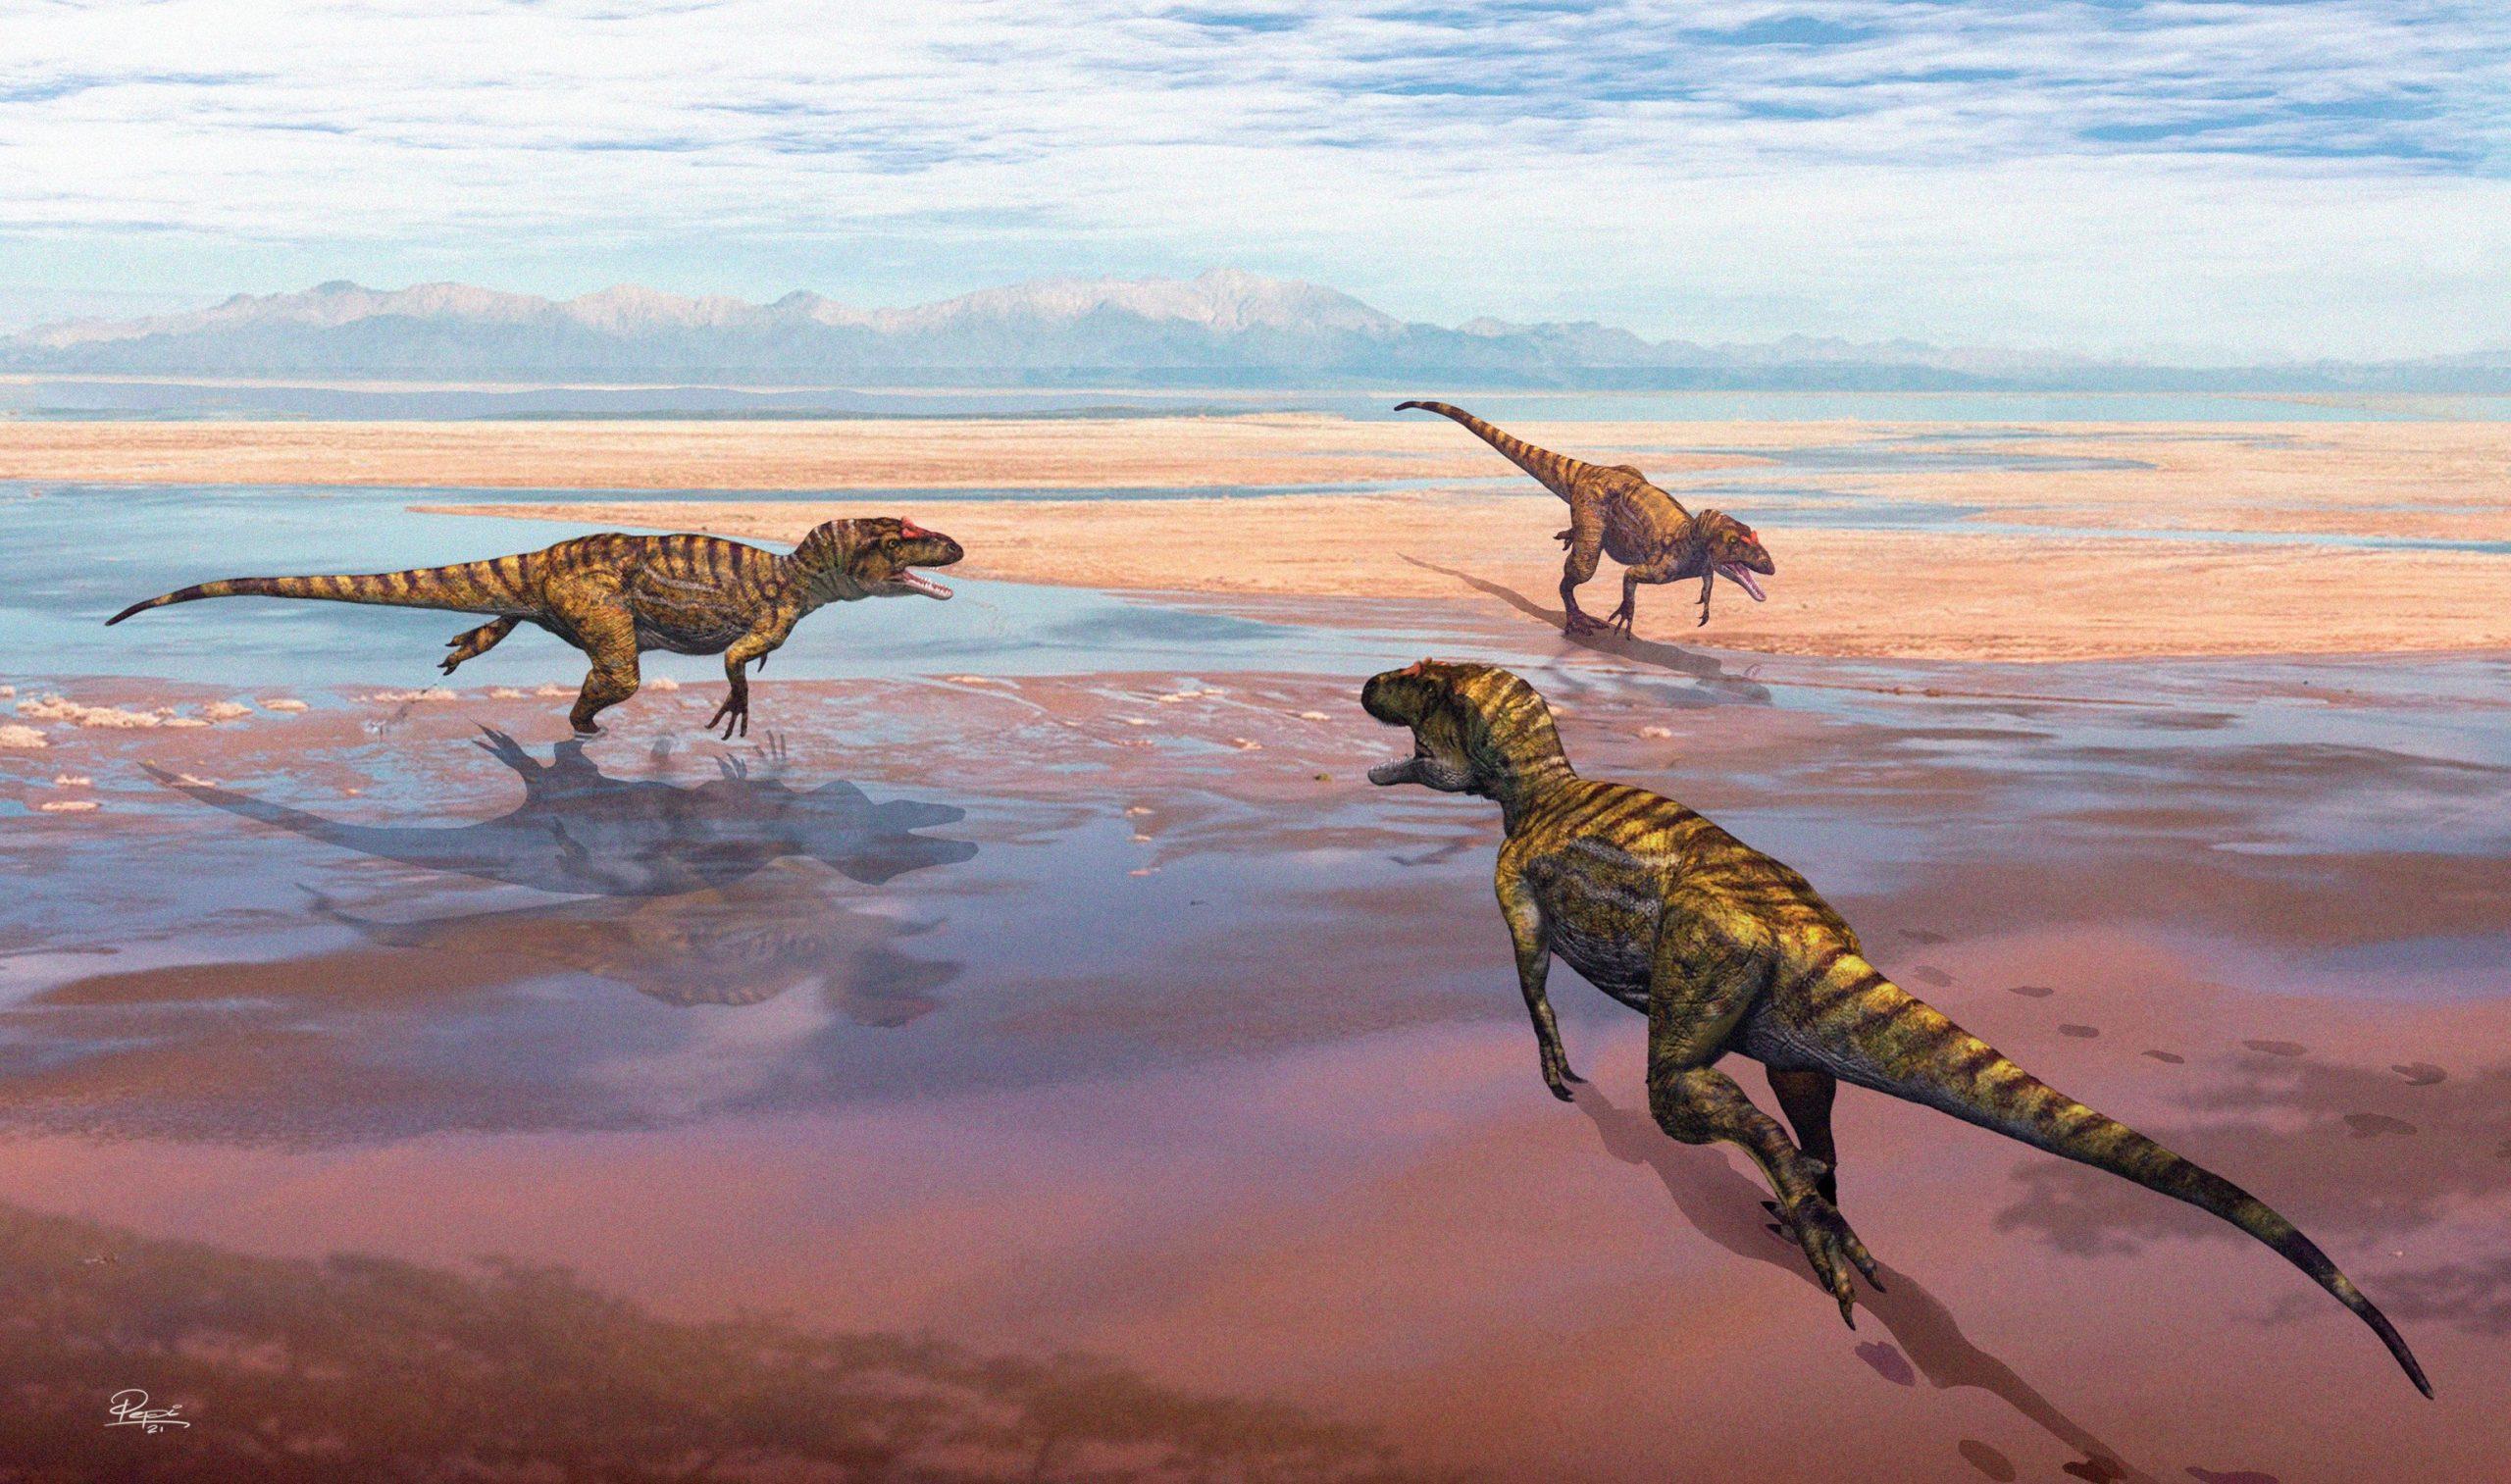 Estudo revela dados sobre pegadas de dinossauros carnívoros do Jurássico no Cabo Mondego